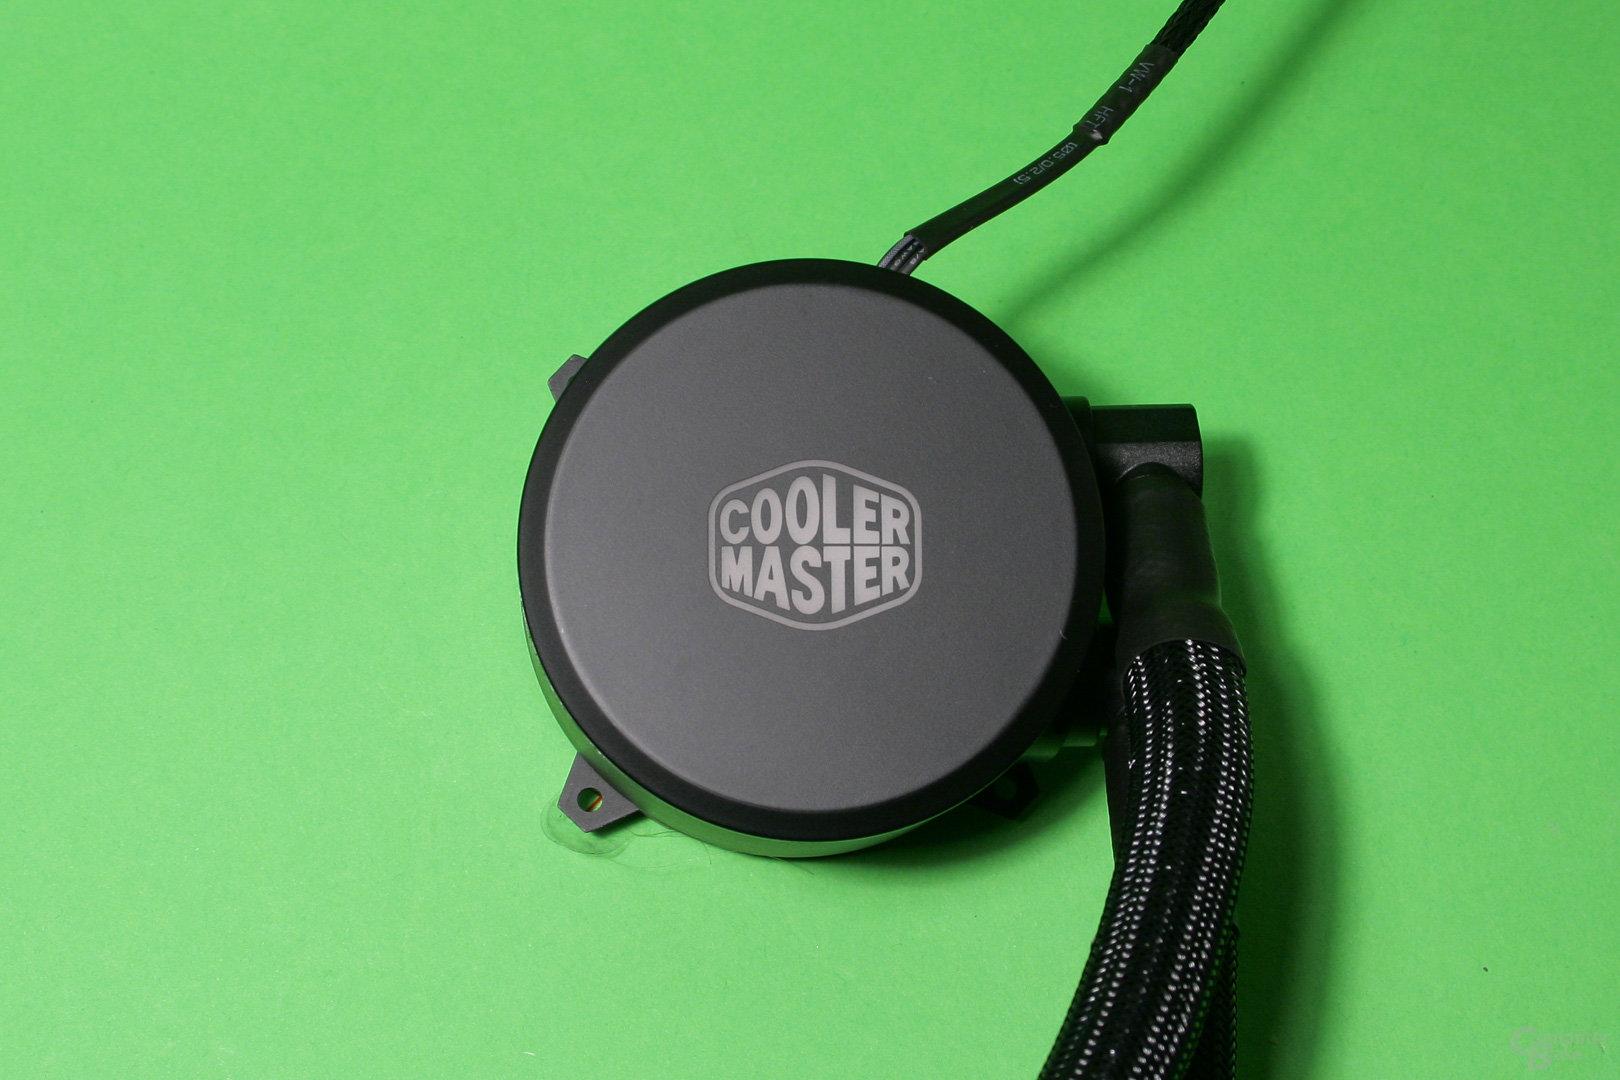 Cooler Master Masterliquid 240: Pumpe mit beleuchtetem Herstellerlogo (aus)